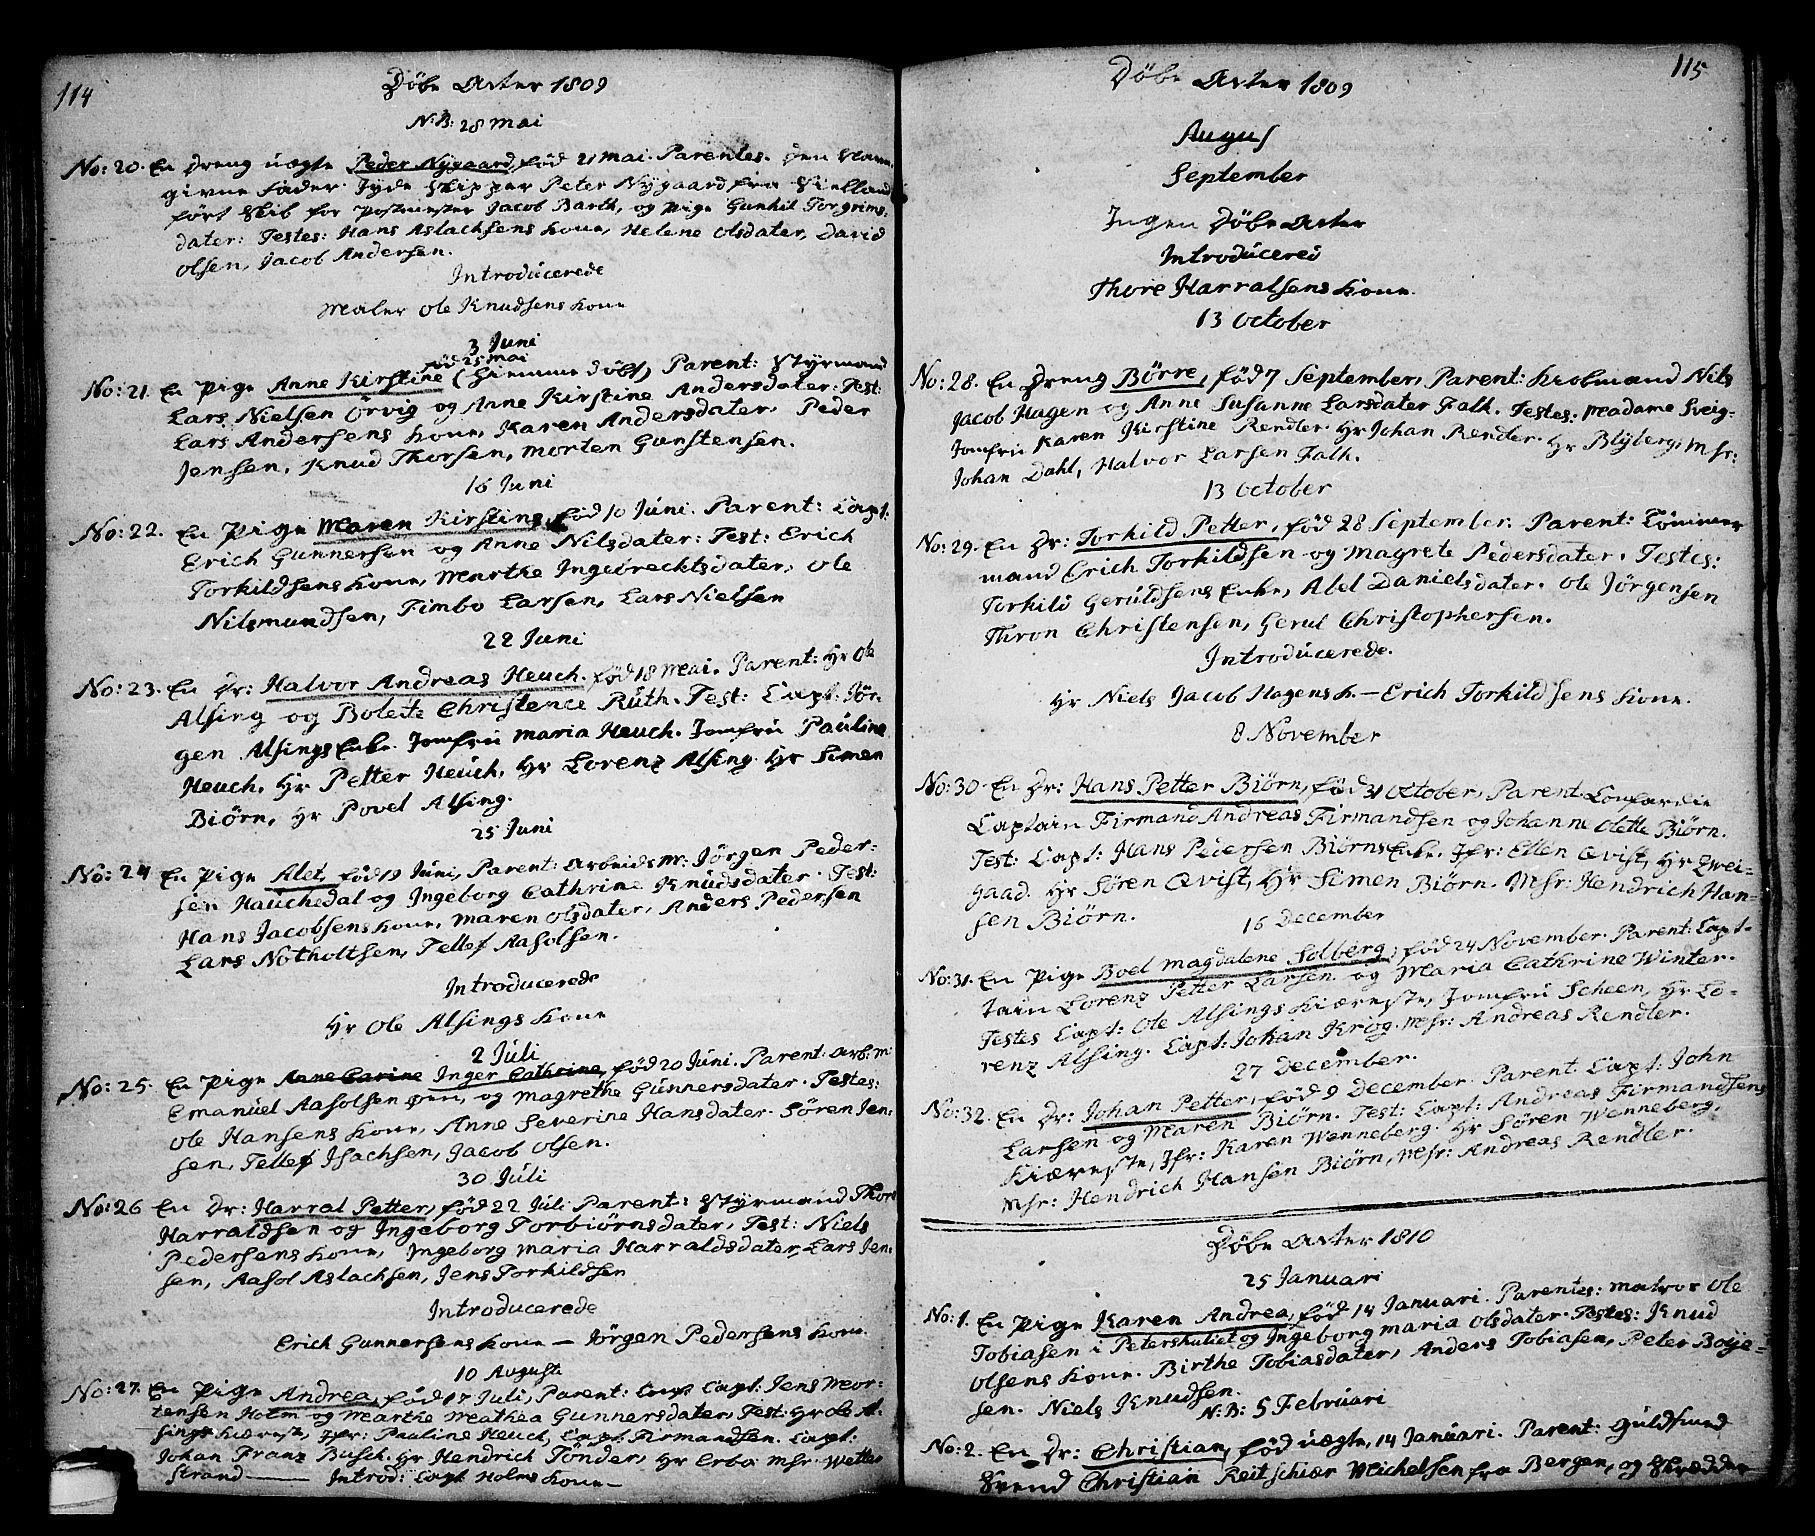 SAKO, Kragerø kirkebøker, G/Ga/L0001: Klokkerbok nr. 1 /1, 1806-1811, s. 114-115